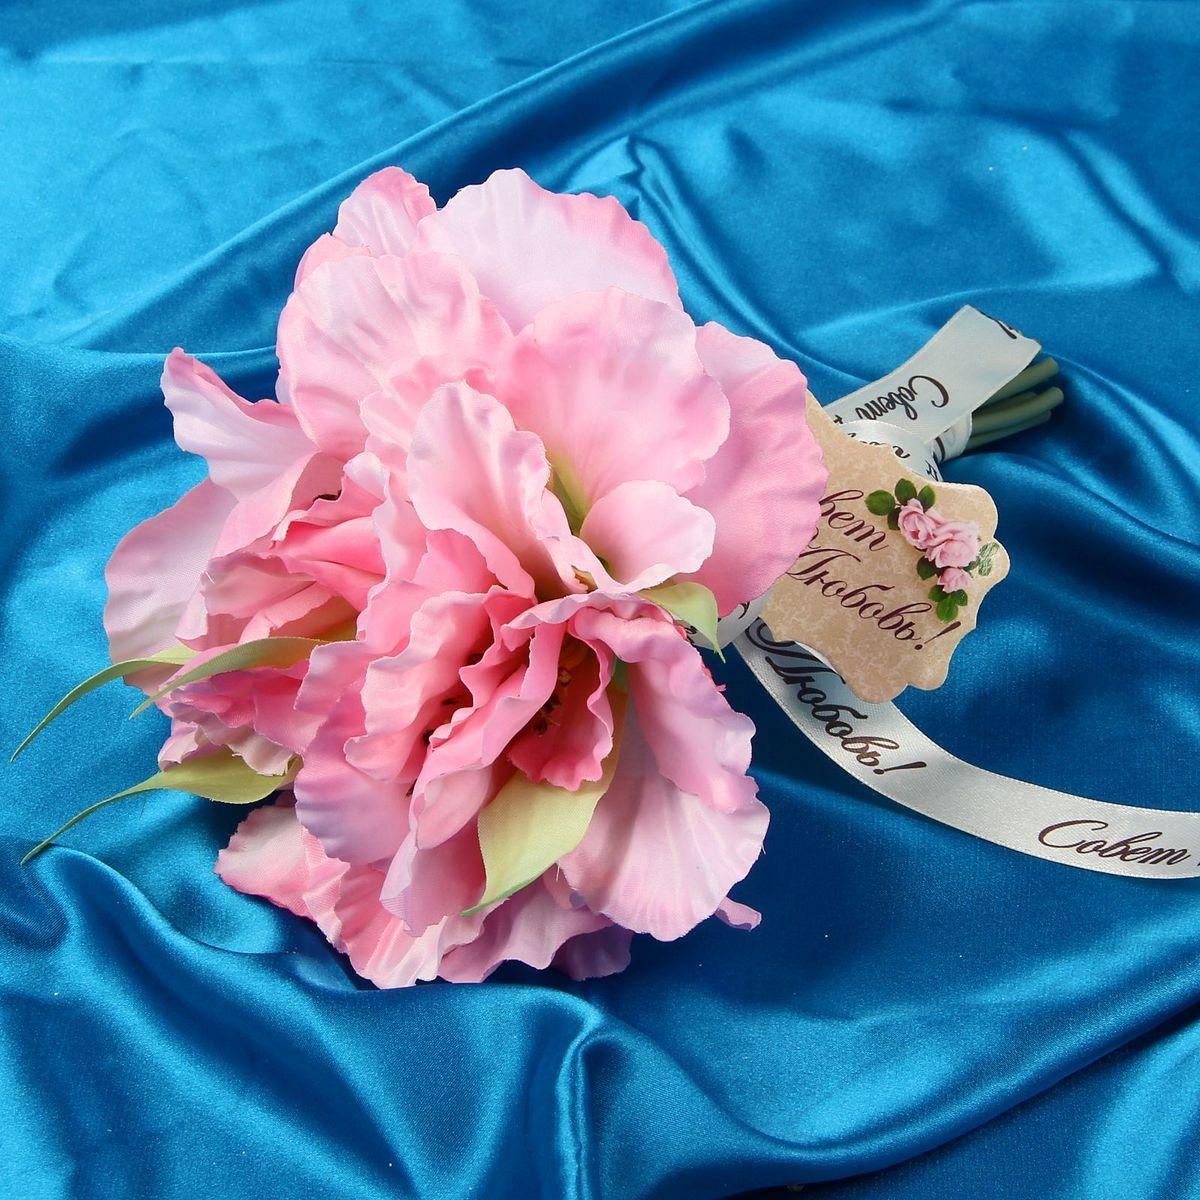 Sima-land Букет-дублер Лилос лилии, цвет: розовый. 12126261212626Современные невесты используют букеты из искусственных материалов, потому что они легче, дешевле и не рассыпаются в полете. Ведь для многих незамужних подружек поймать букет на свадьбе — шанс осуществления заветной мечты. Кроме свадебной тематики изделие используют для фотосессий, так как оно не утрачивает праздничный вид даже в непогоду, и как элемент украшения интерьера. Многие рестораны и отели на выставках и праздниках предпочитают использовать украшения из неувядающих цветов. Оригинальный букет будет в центре внимания на торжественном событии и оставит самые яркие впечатления.